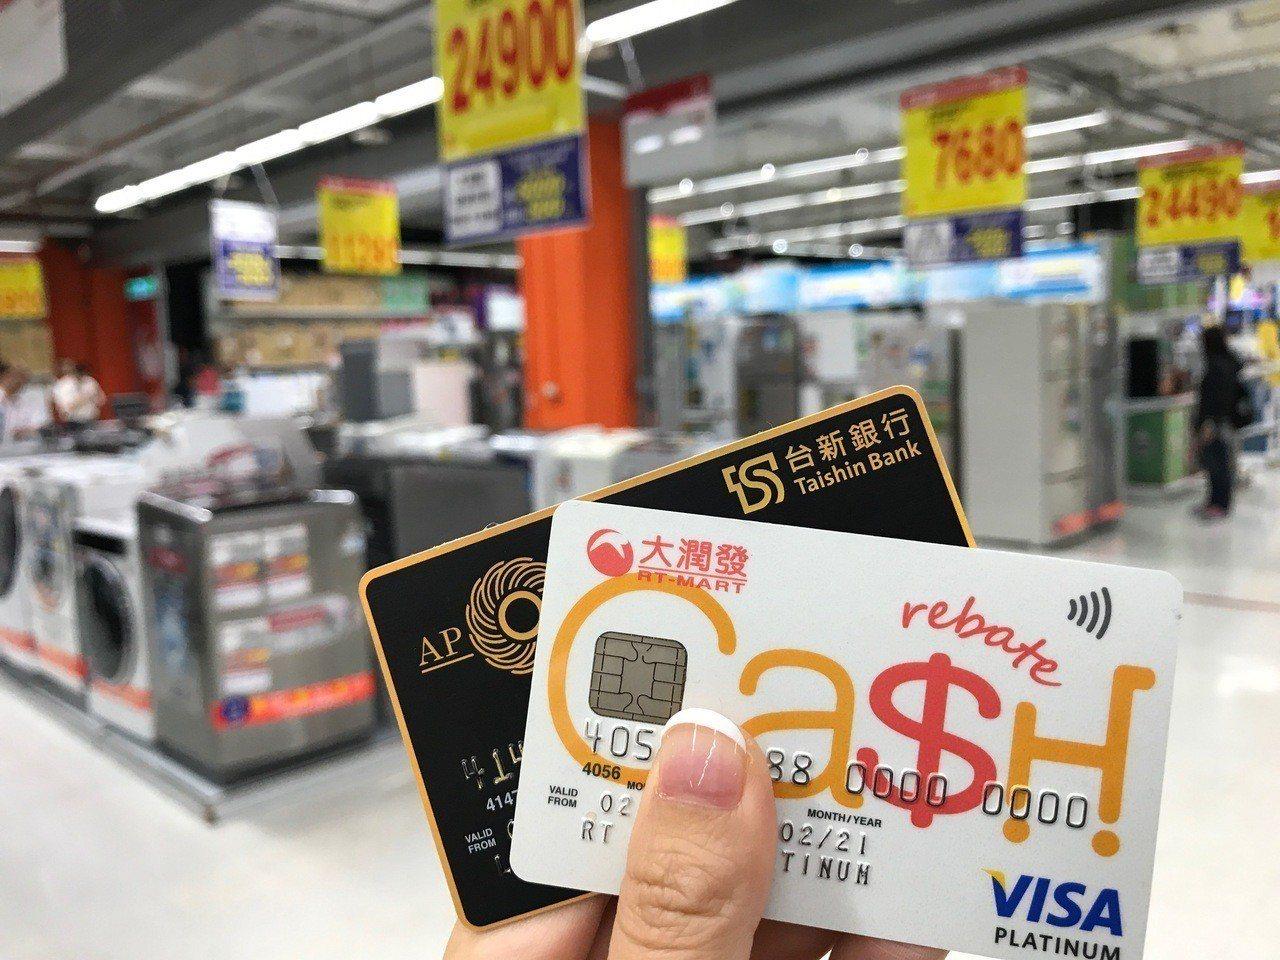 大潤發與台新、聯邦銀行合作,提供中元採購刷卡優惠。圖/台新提供